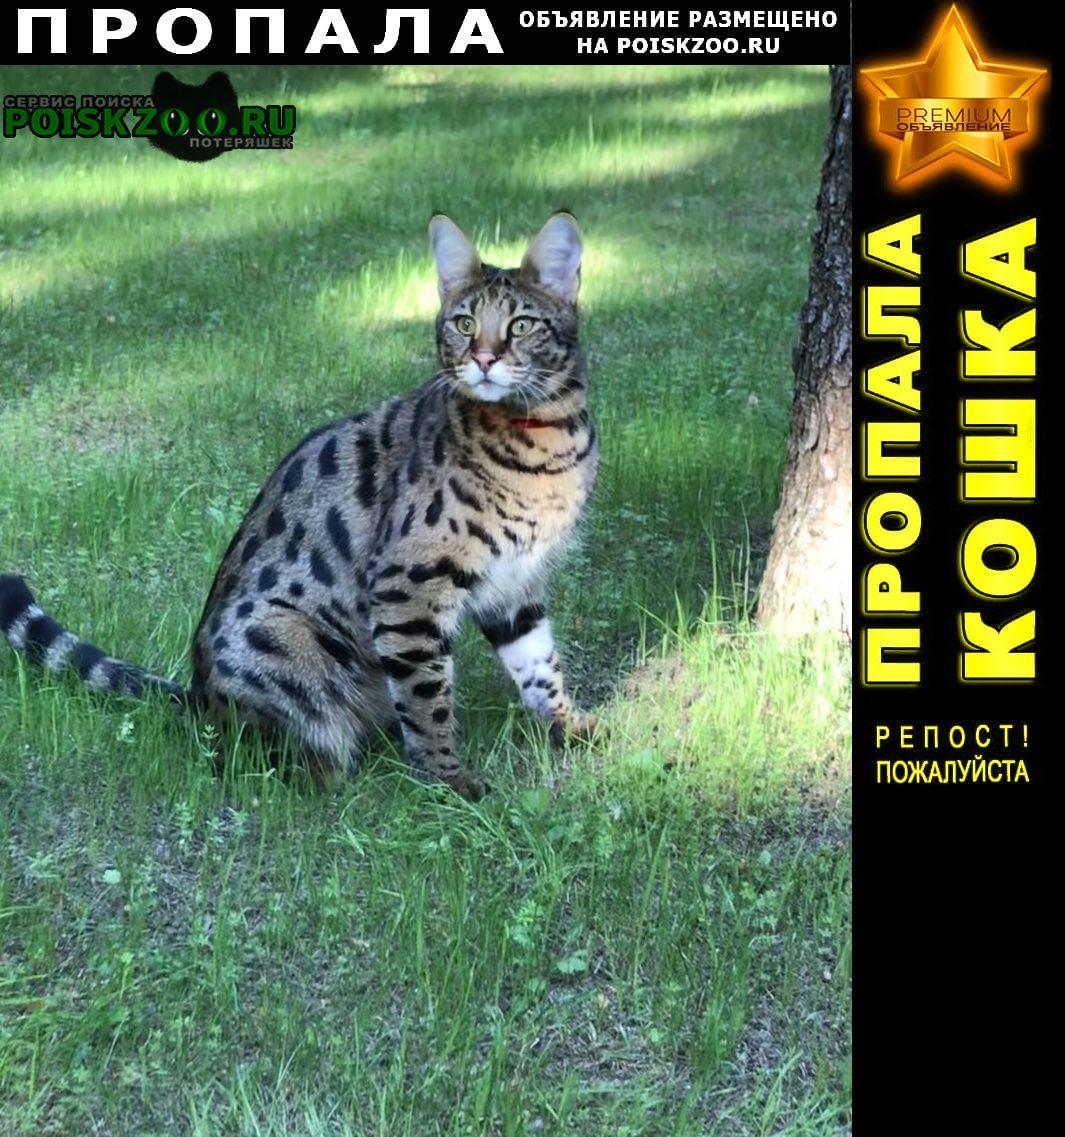 Пропала кошка вознаграждение Одинцово